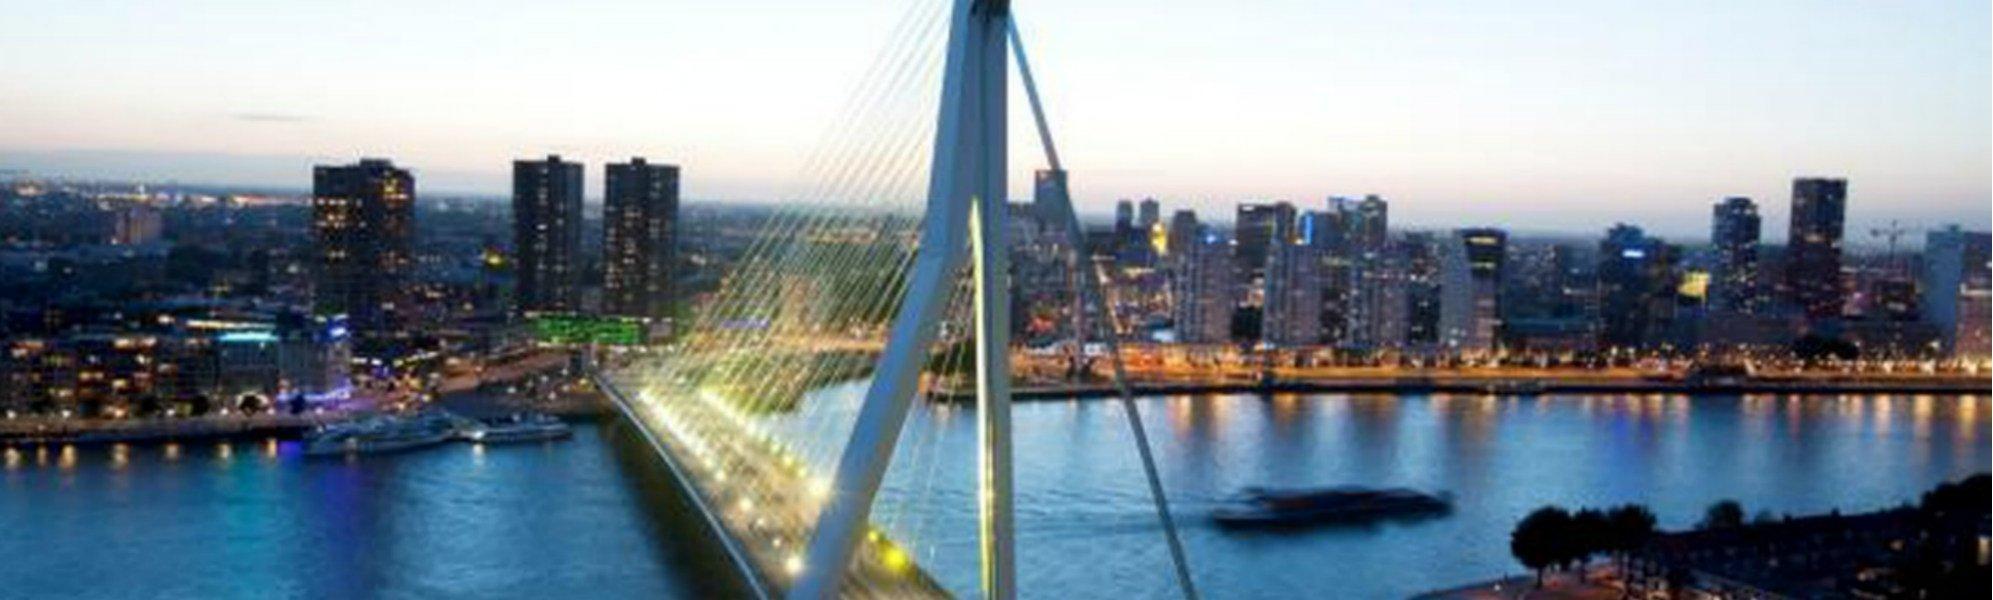 RRotterdam Erasmus Bridge